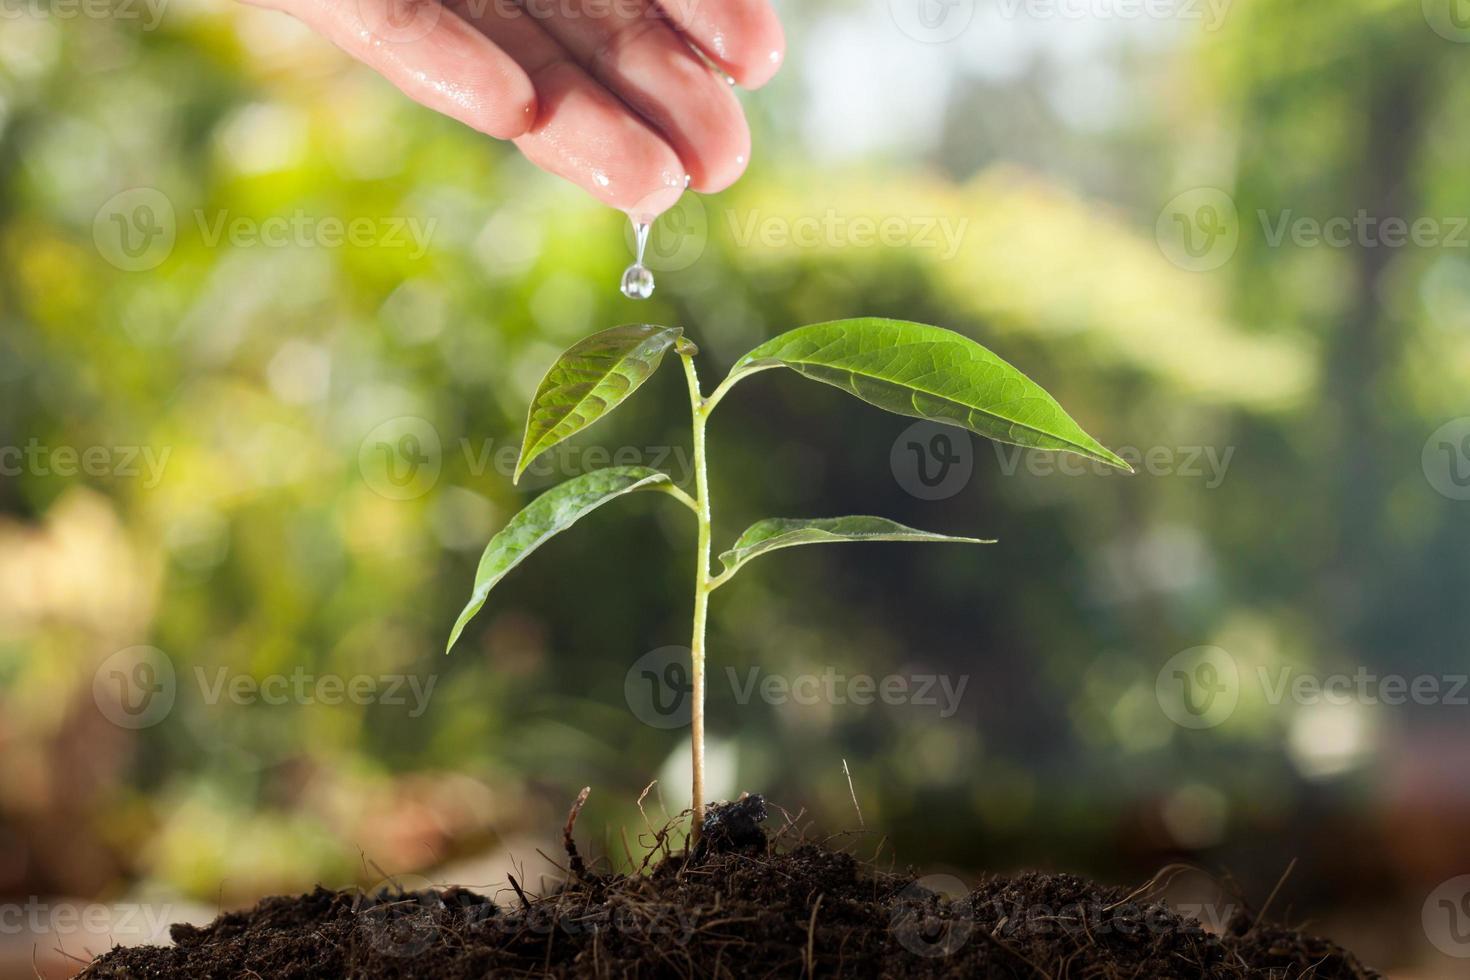 La main de l'agriculteur arrosant une jeune plante avec fond vert bokeh photo